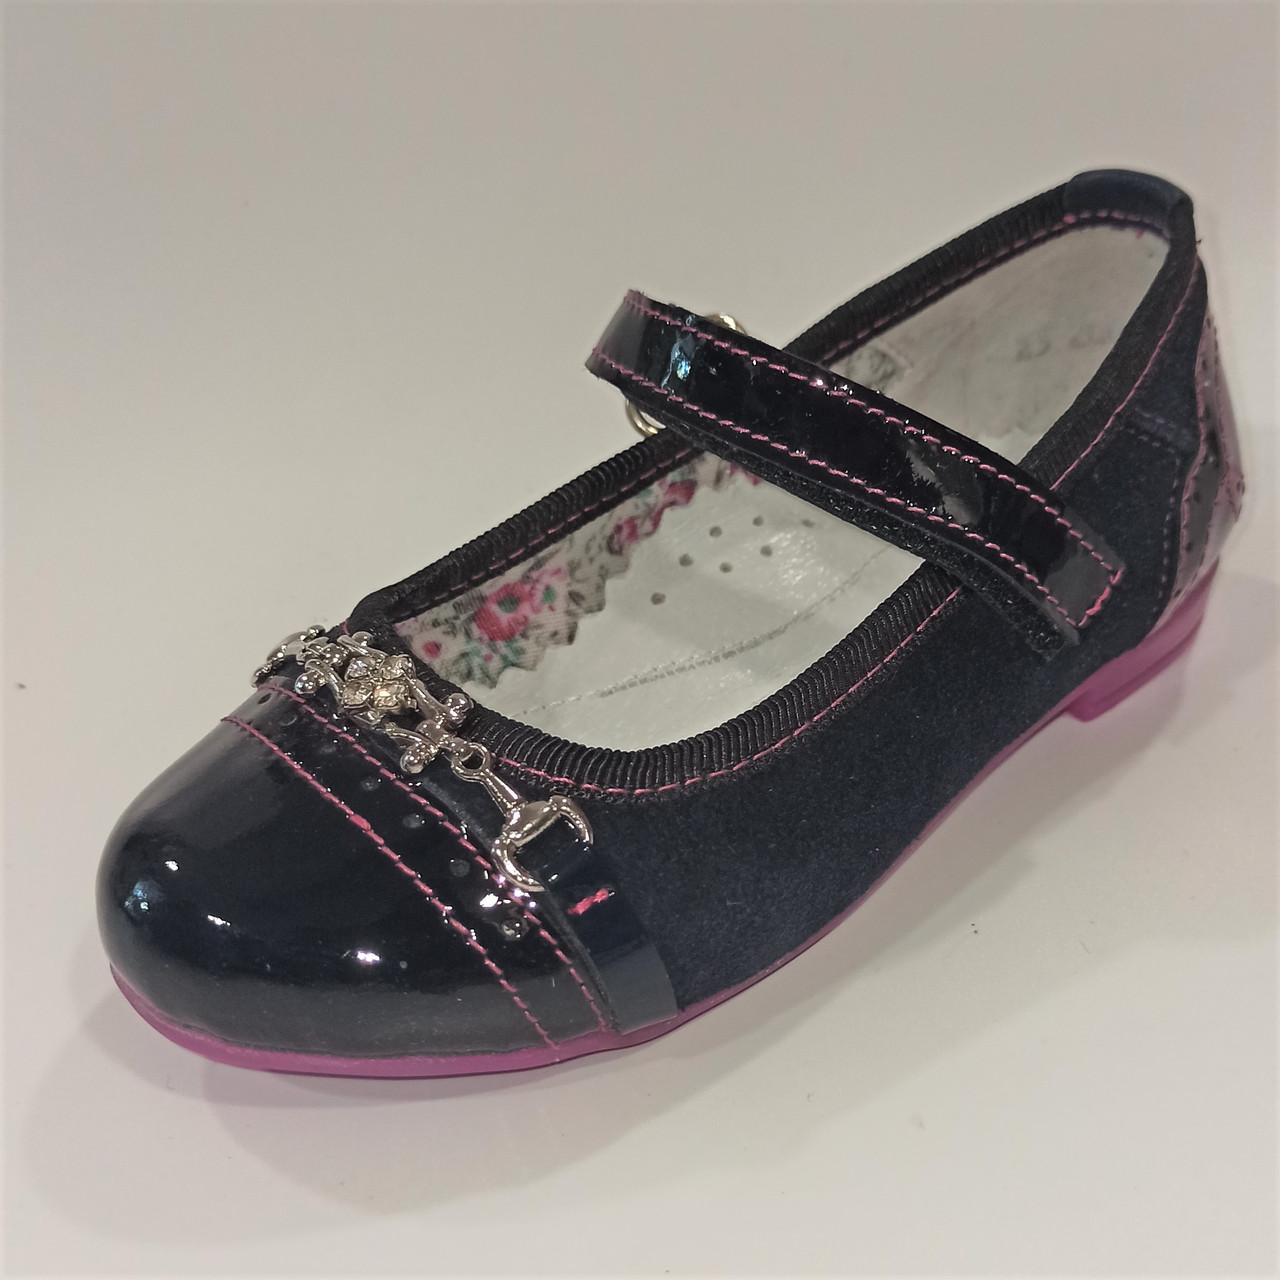 Шкіряні туфлі дівчинці, Lckids (код 1300) розміри: 25-28